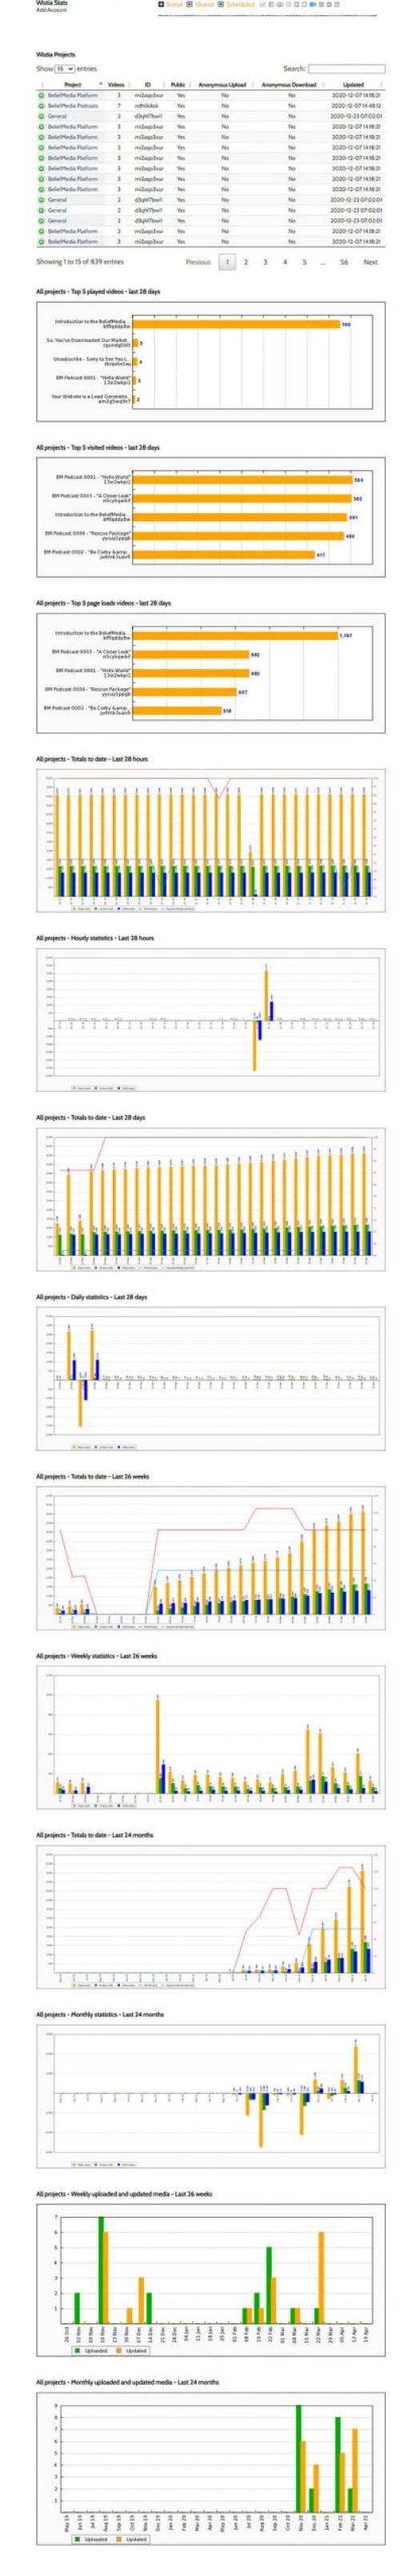 Wistia Statistics